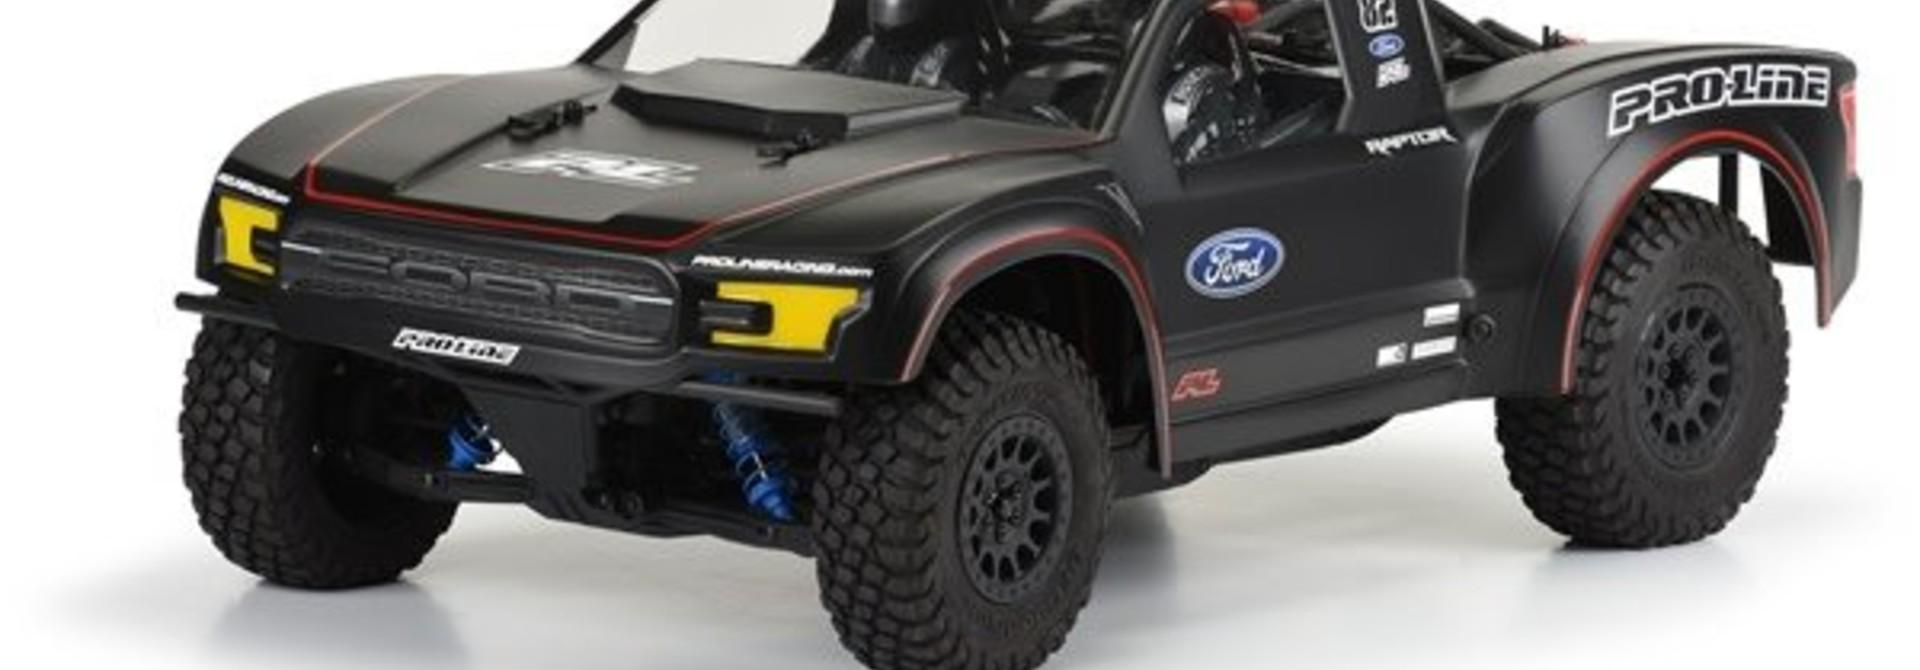 2017 Ford F-150 Raptor Clear body for Yeti Trophy Truck, PR3478-00